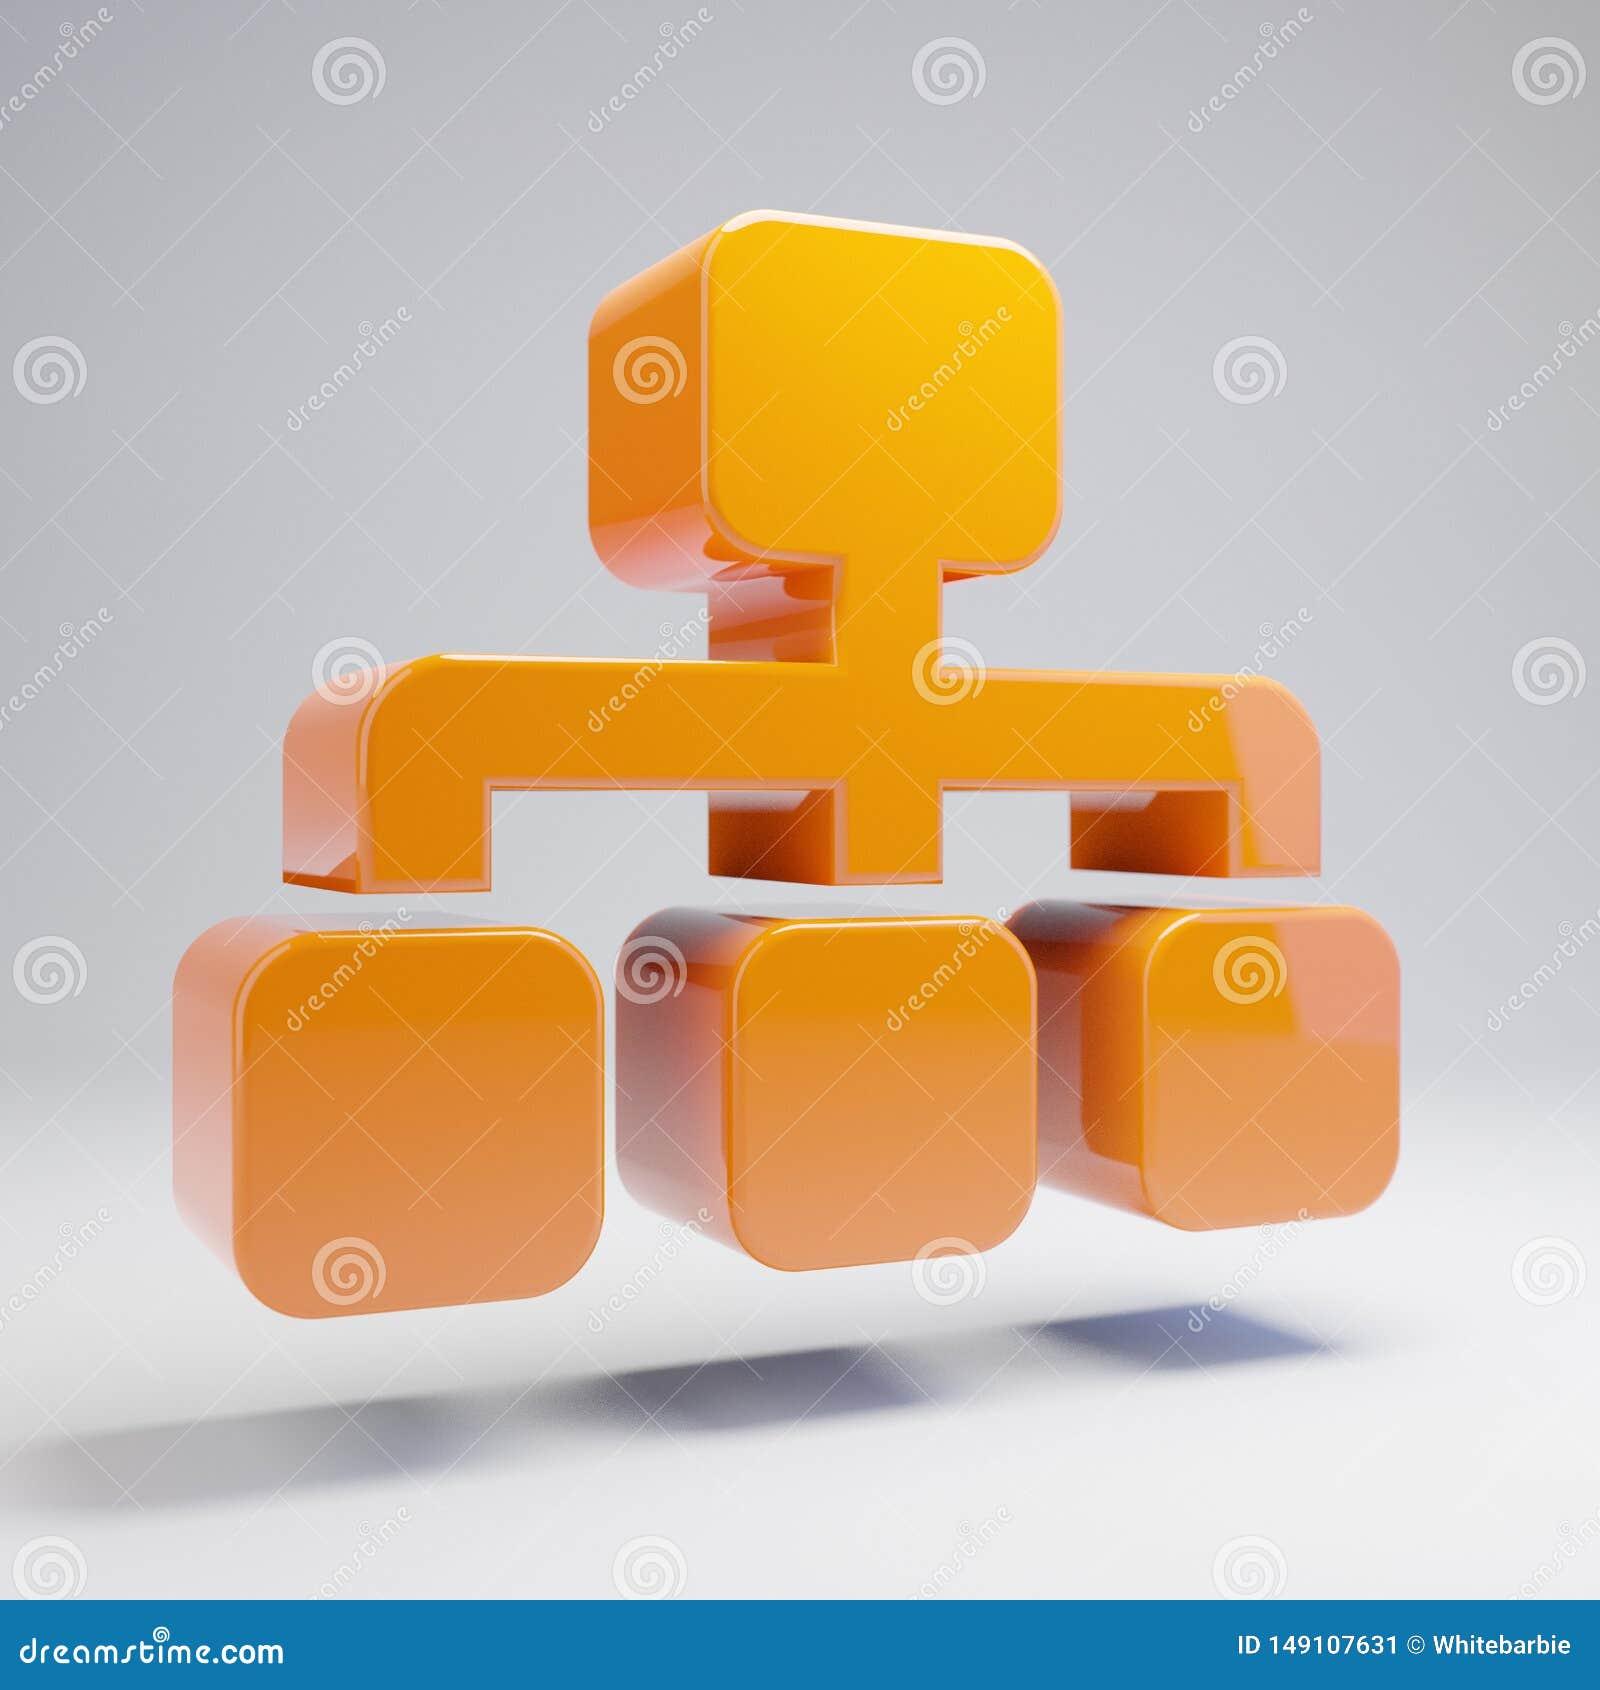 Volumetrische glatte heiße orange Sitemap-Ikone lokalisiert auf weißem Hintergrund